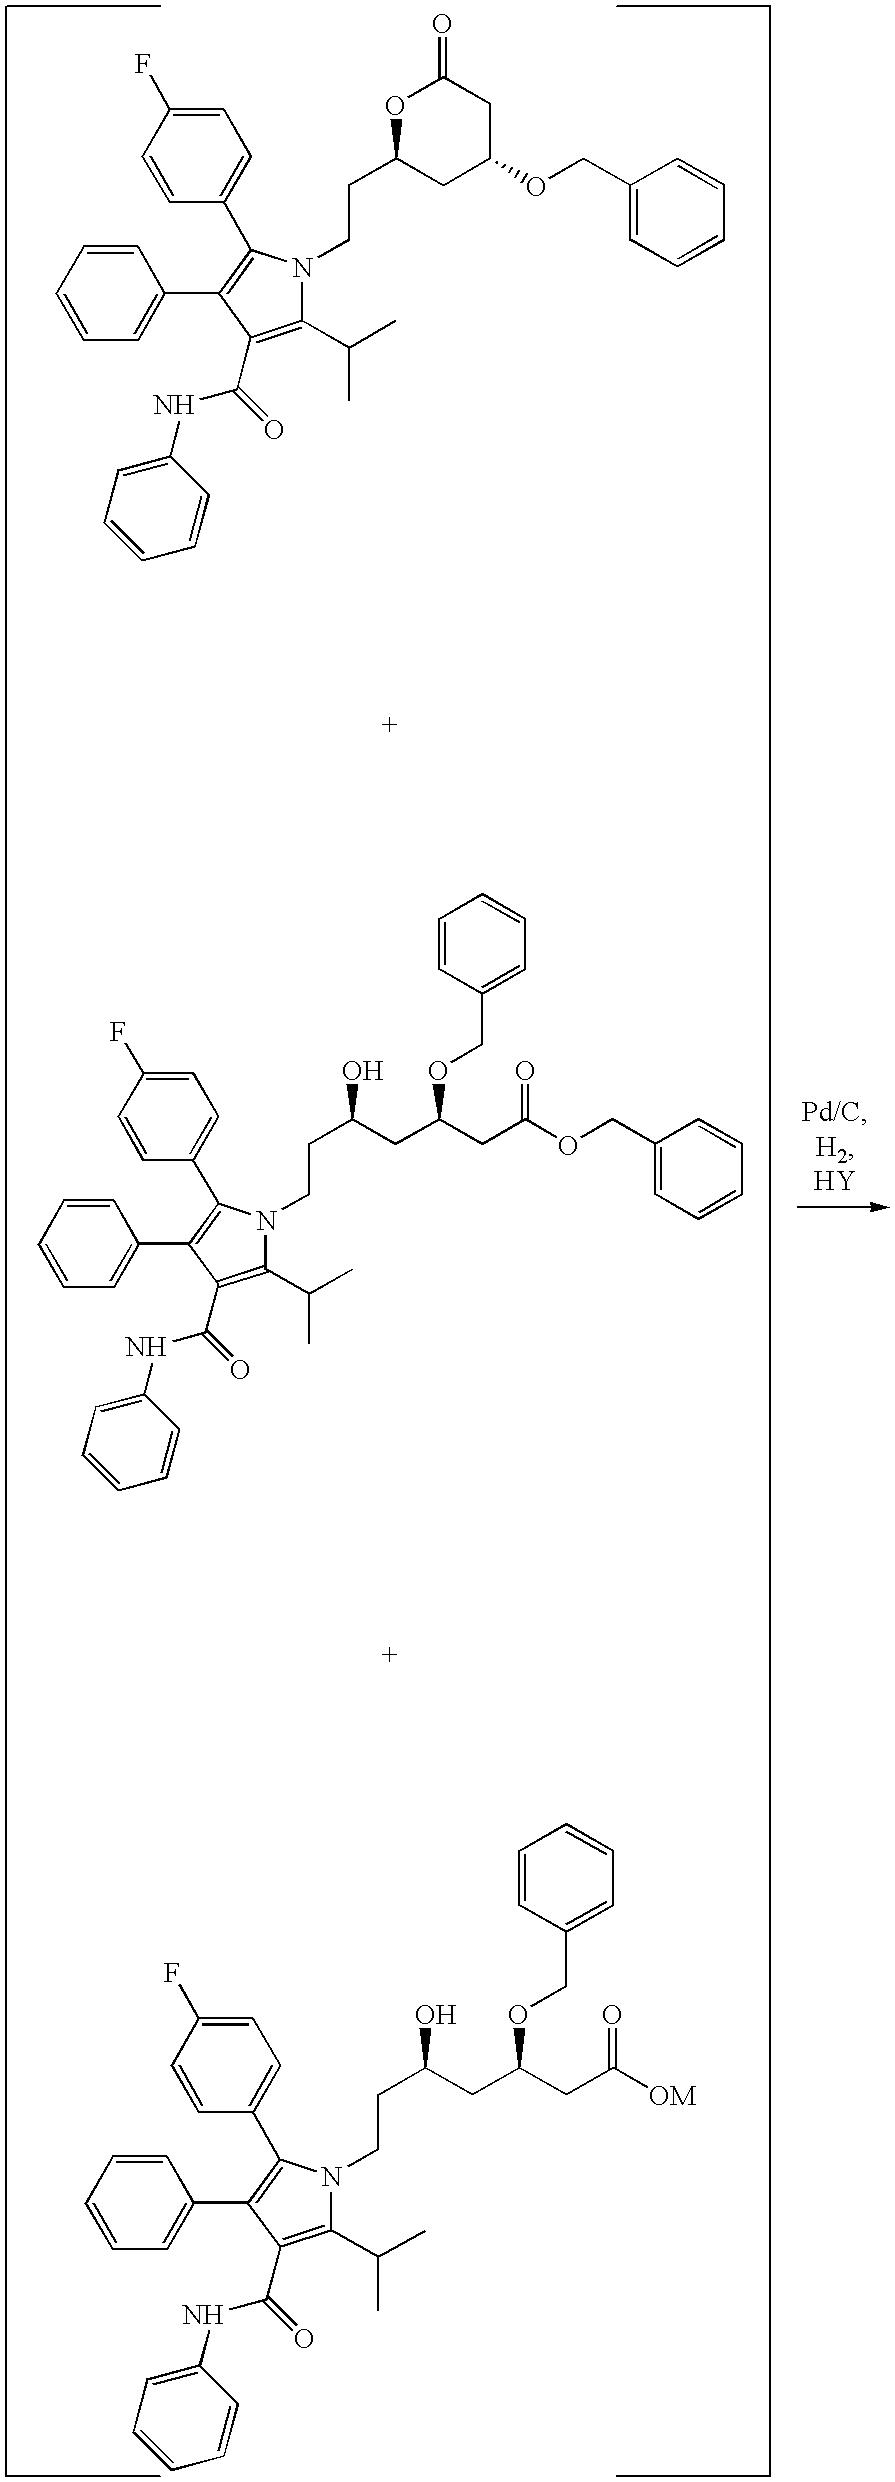 Figure US20070032662A1-20070208-C00062